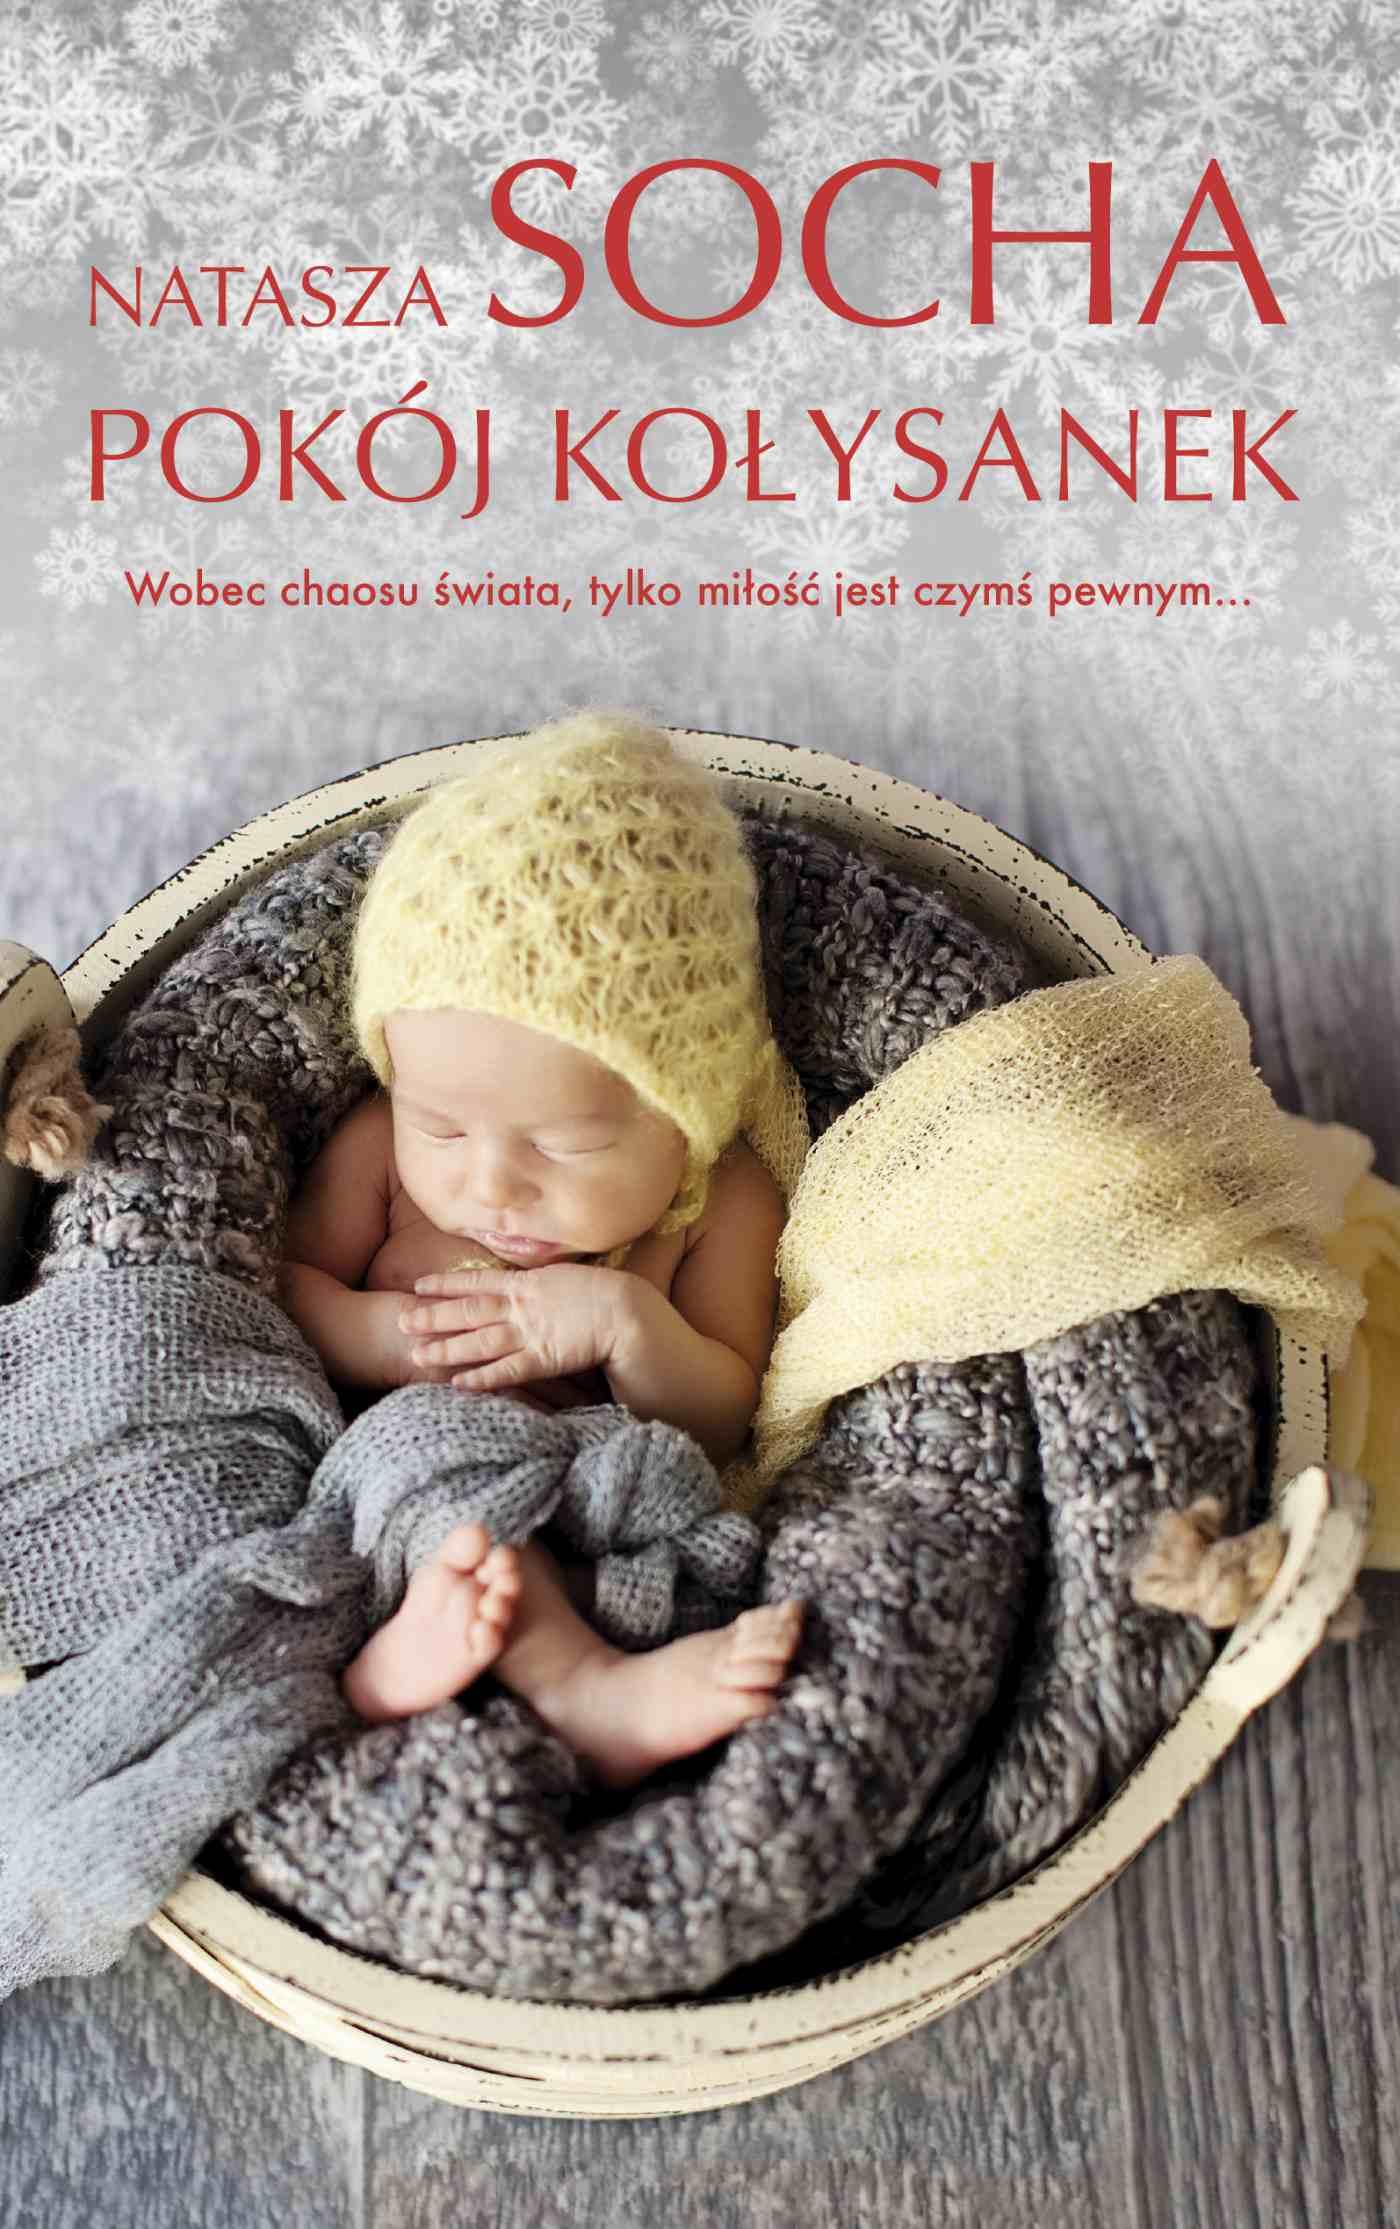 Pokój kołysanek - Ebook (Książka EPUB) do pobrania w formacie EPUB